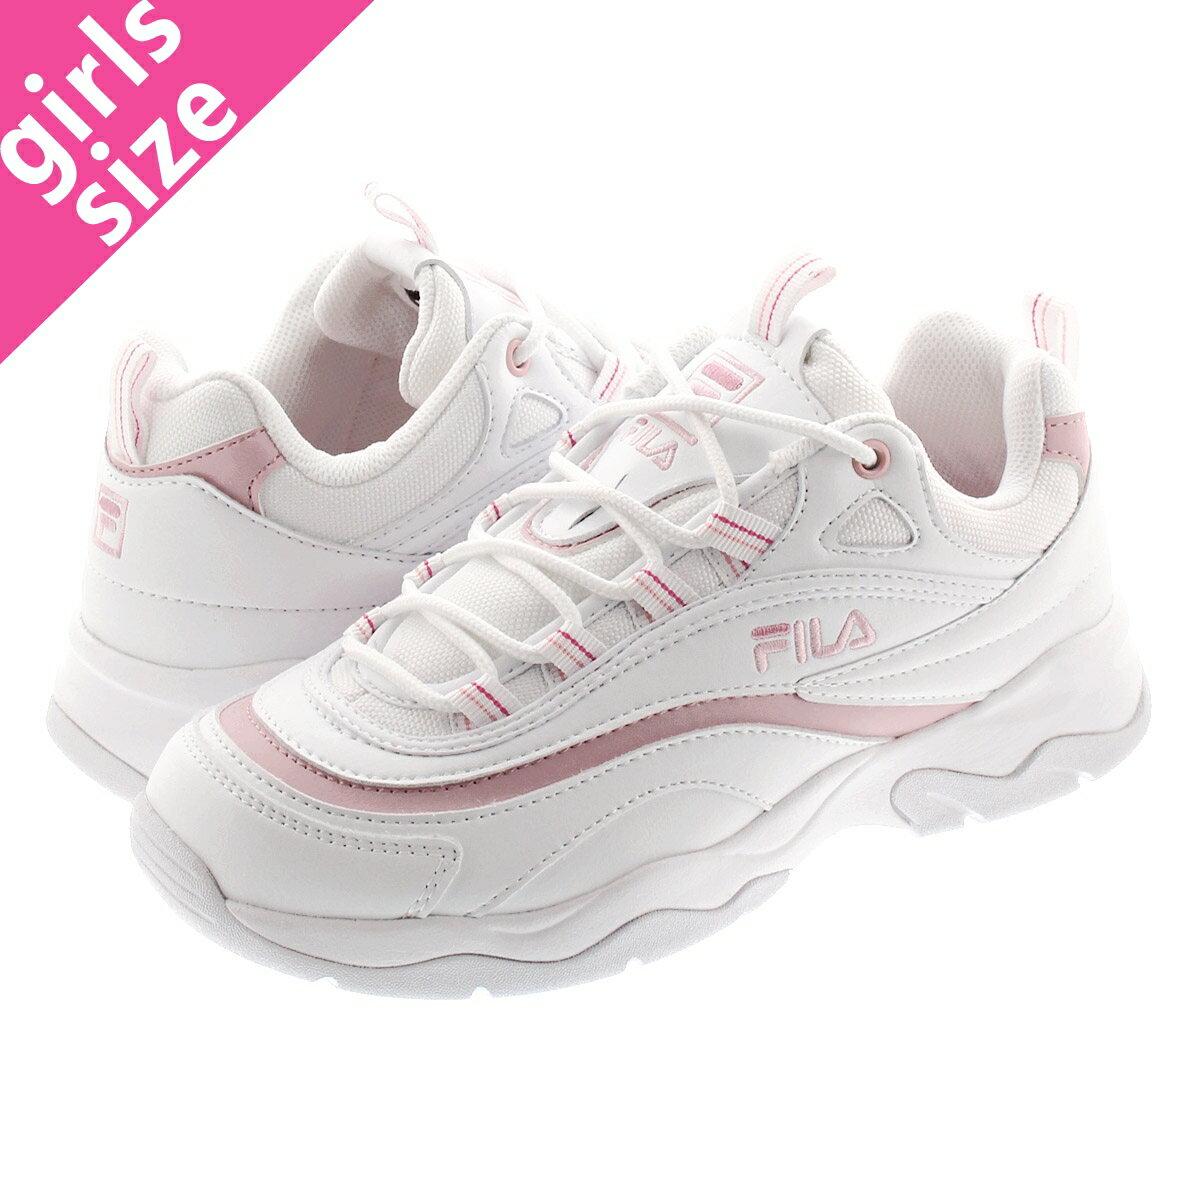 レディース靴, スニーカー  FILA FILARAY WHITEPINK f5054-3106